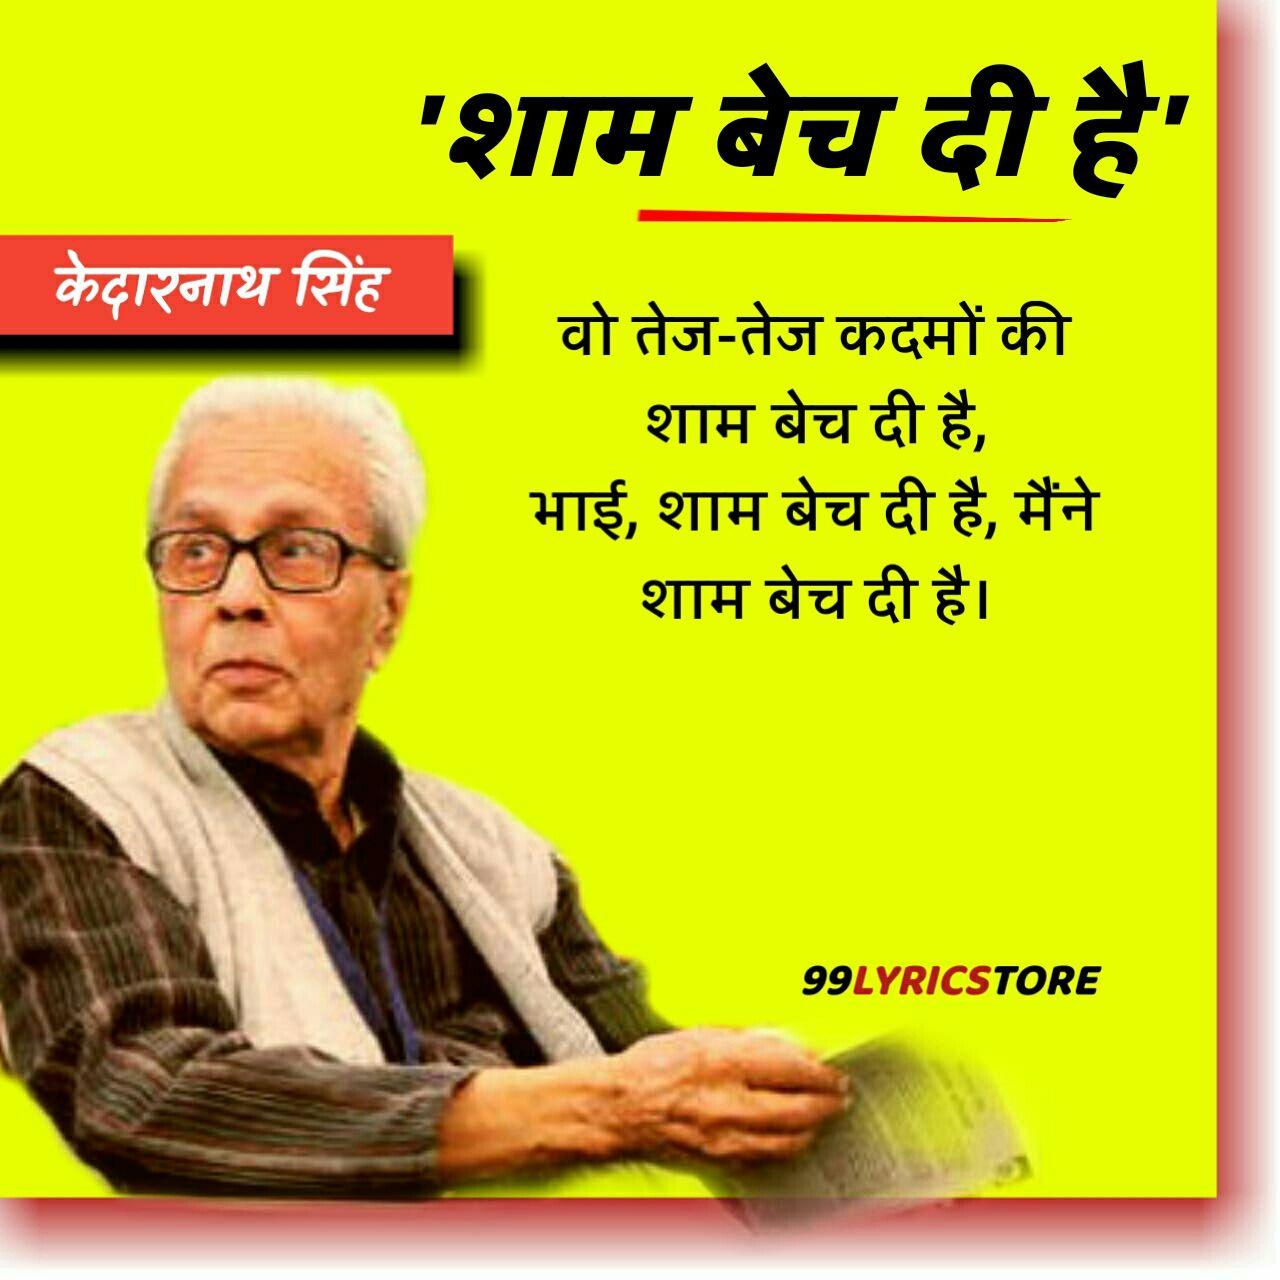 'शाम बेच दी है' कविता केदारनाथ सिंह जी द्वारा लिखी गई एक हिन्दी कविता है।